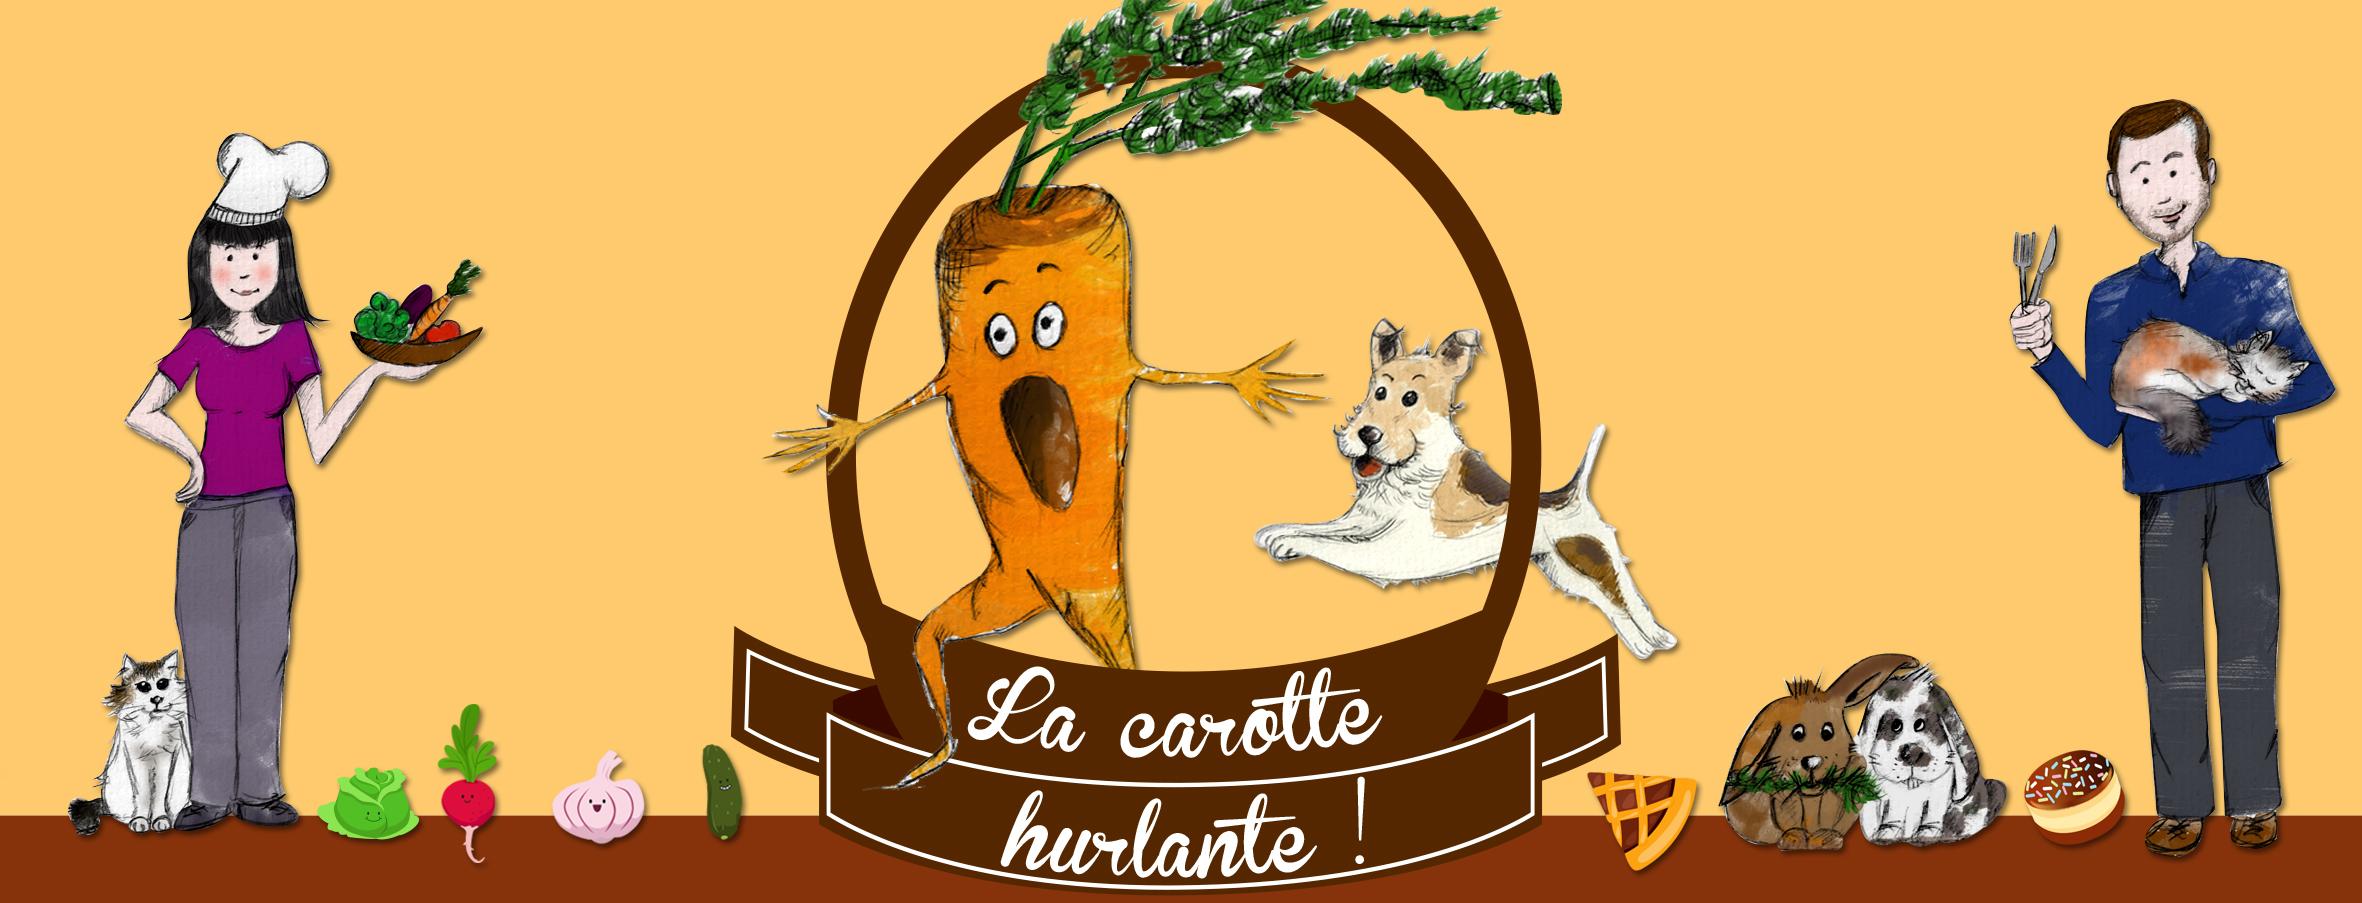 La carotte hurlante